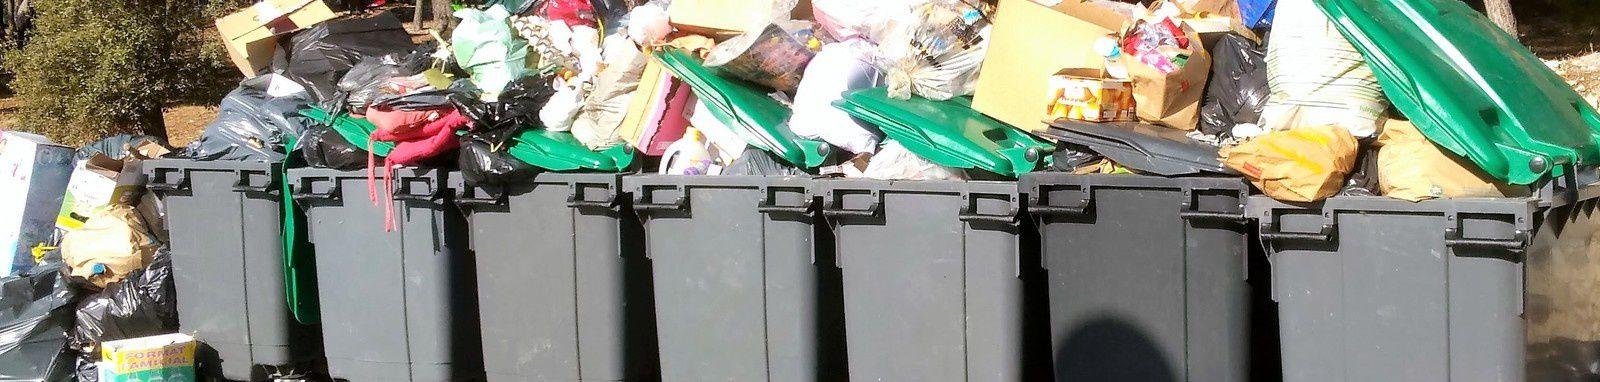 Les éboueurs en grève à Marseille : Les ordures s'entassent dans les rues